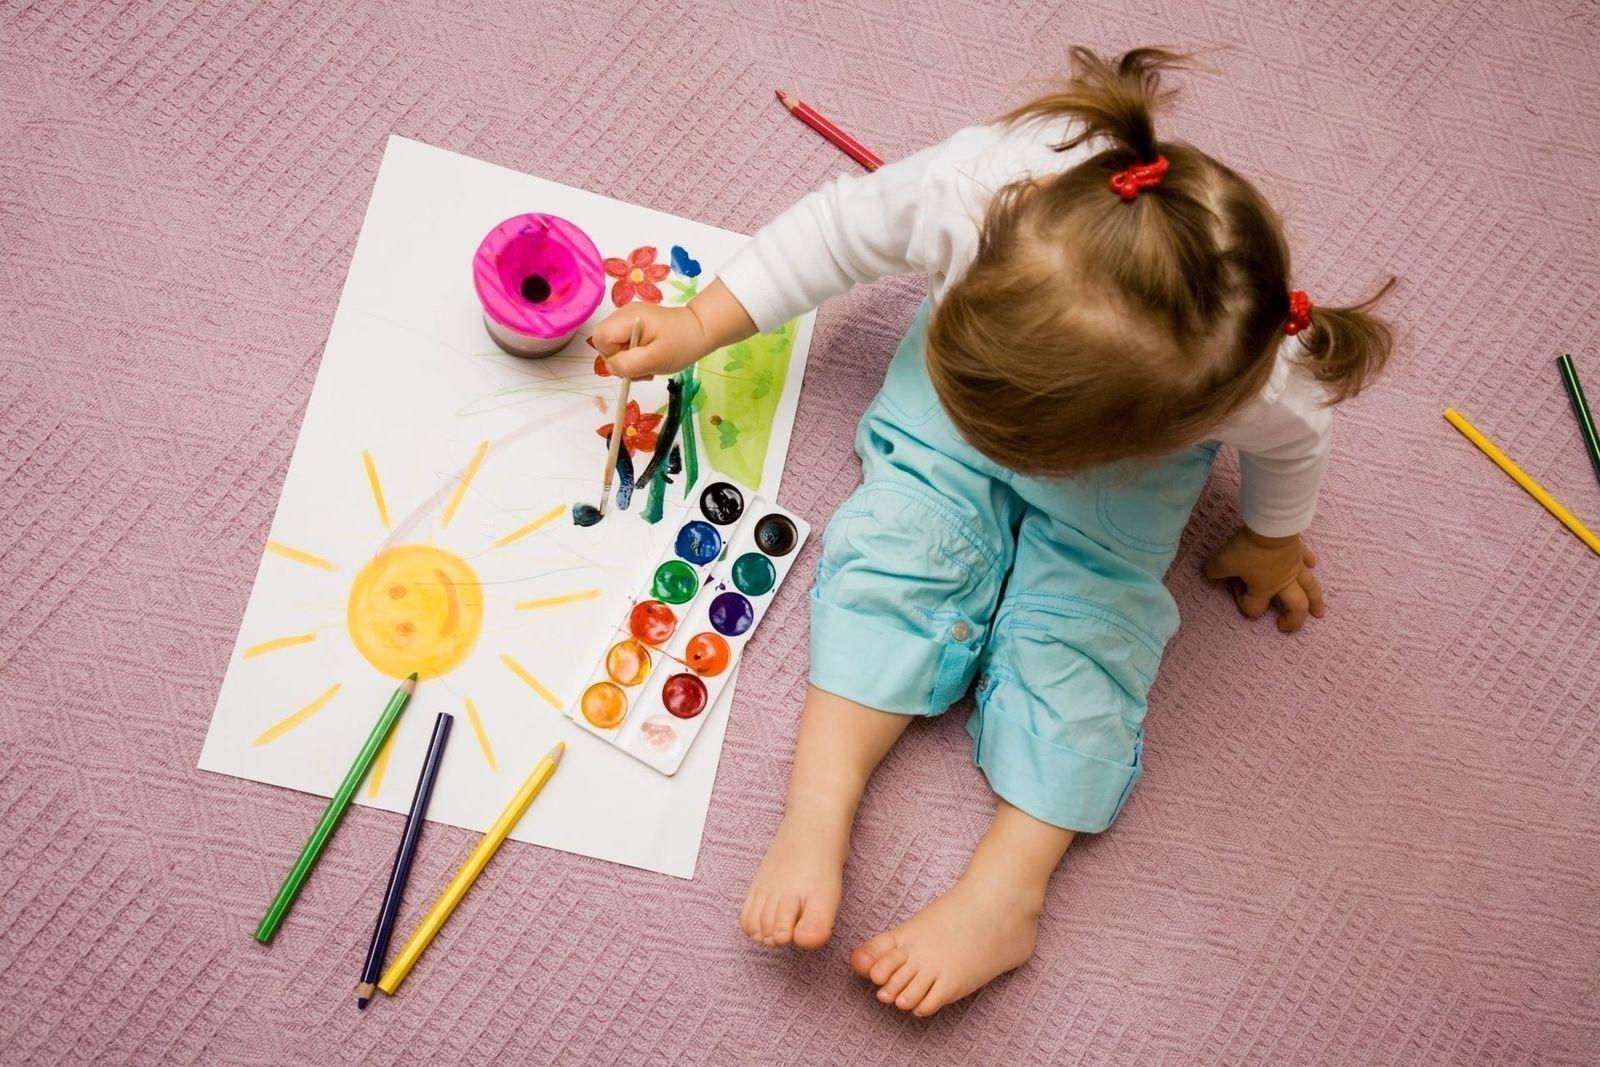 Тайна подсознания ребенка в его рисунках